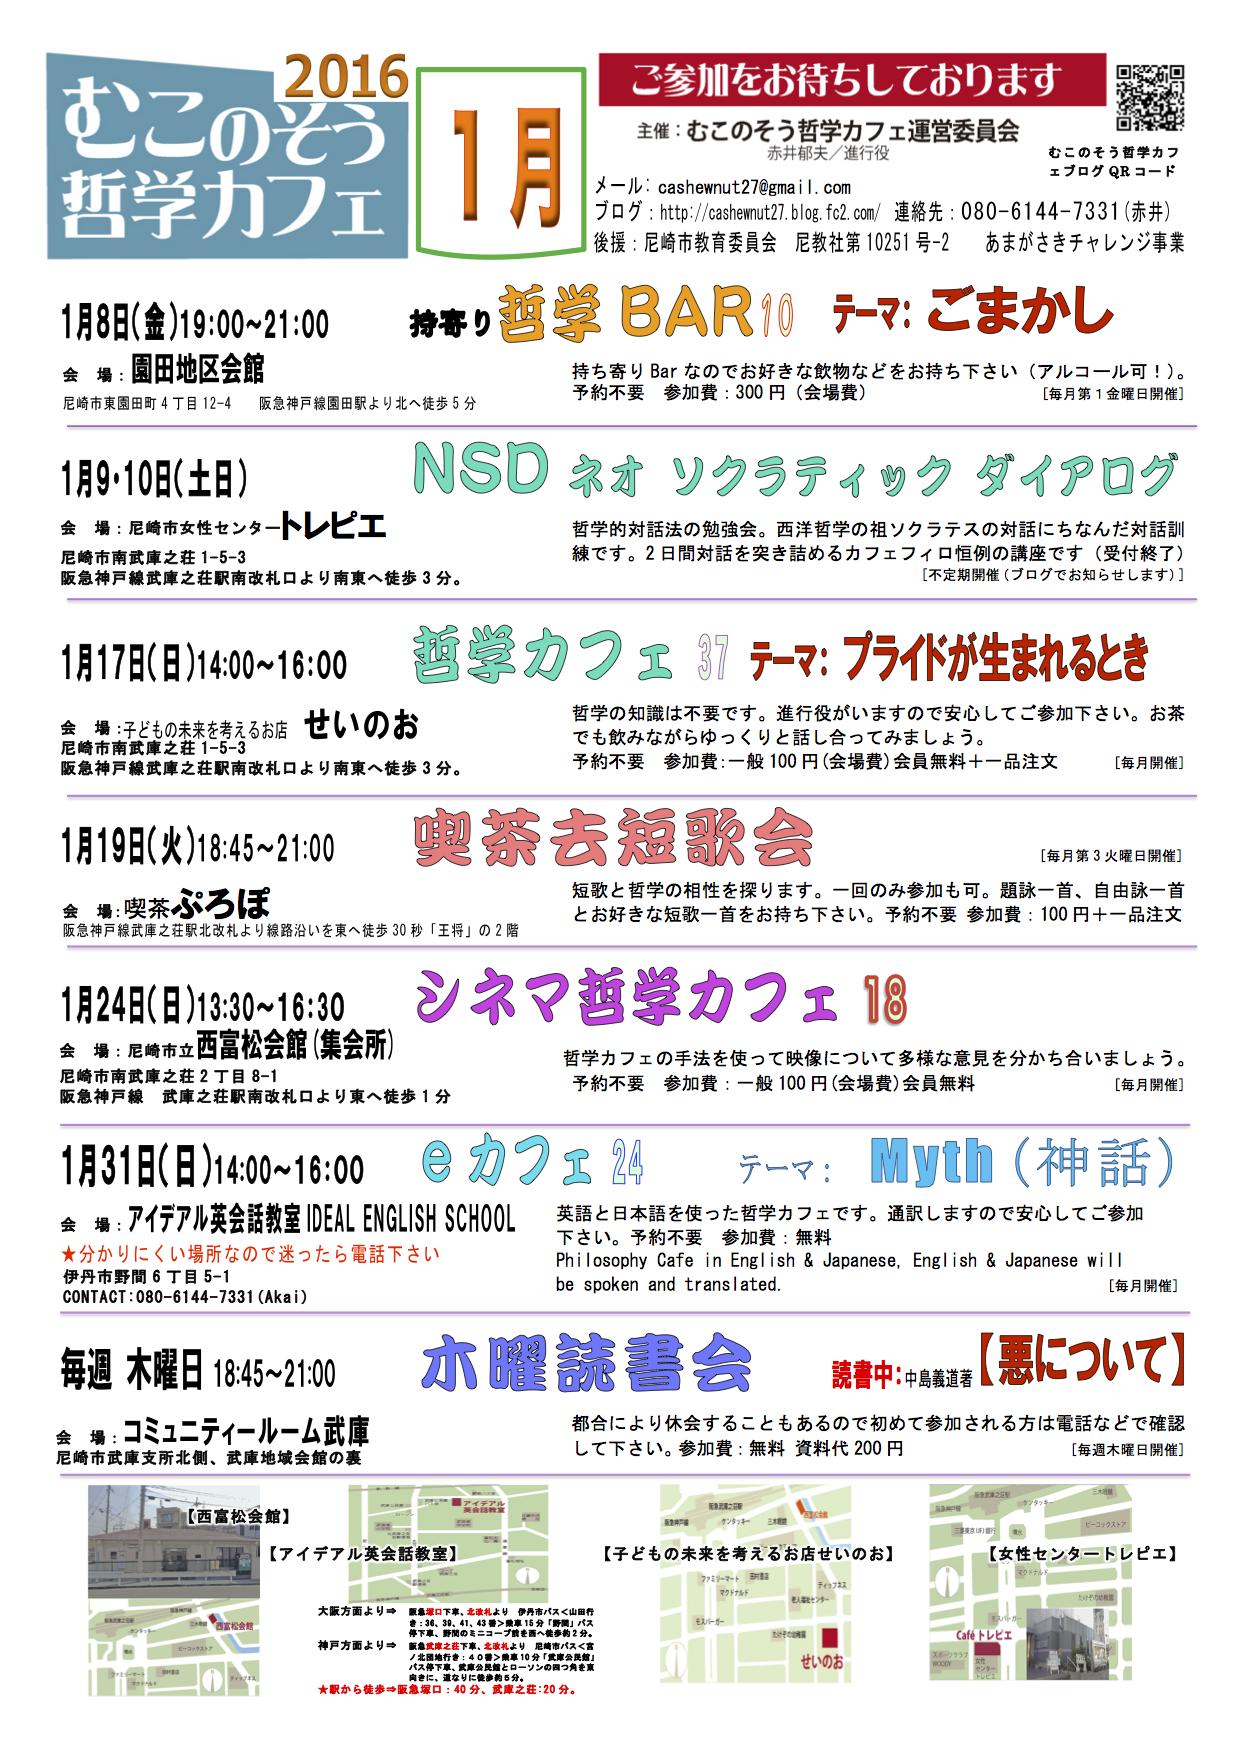 01601ポスター3 1枚目